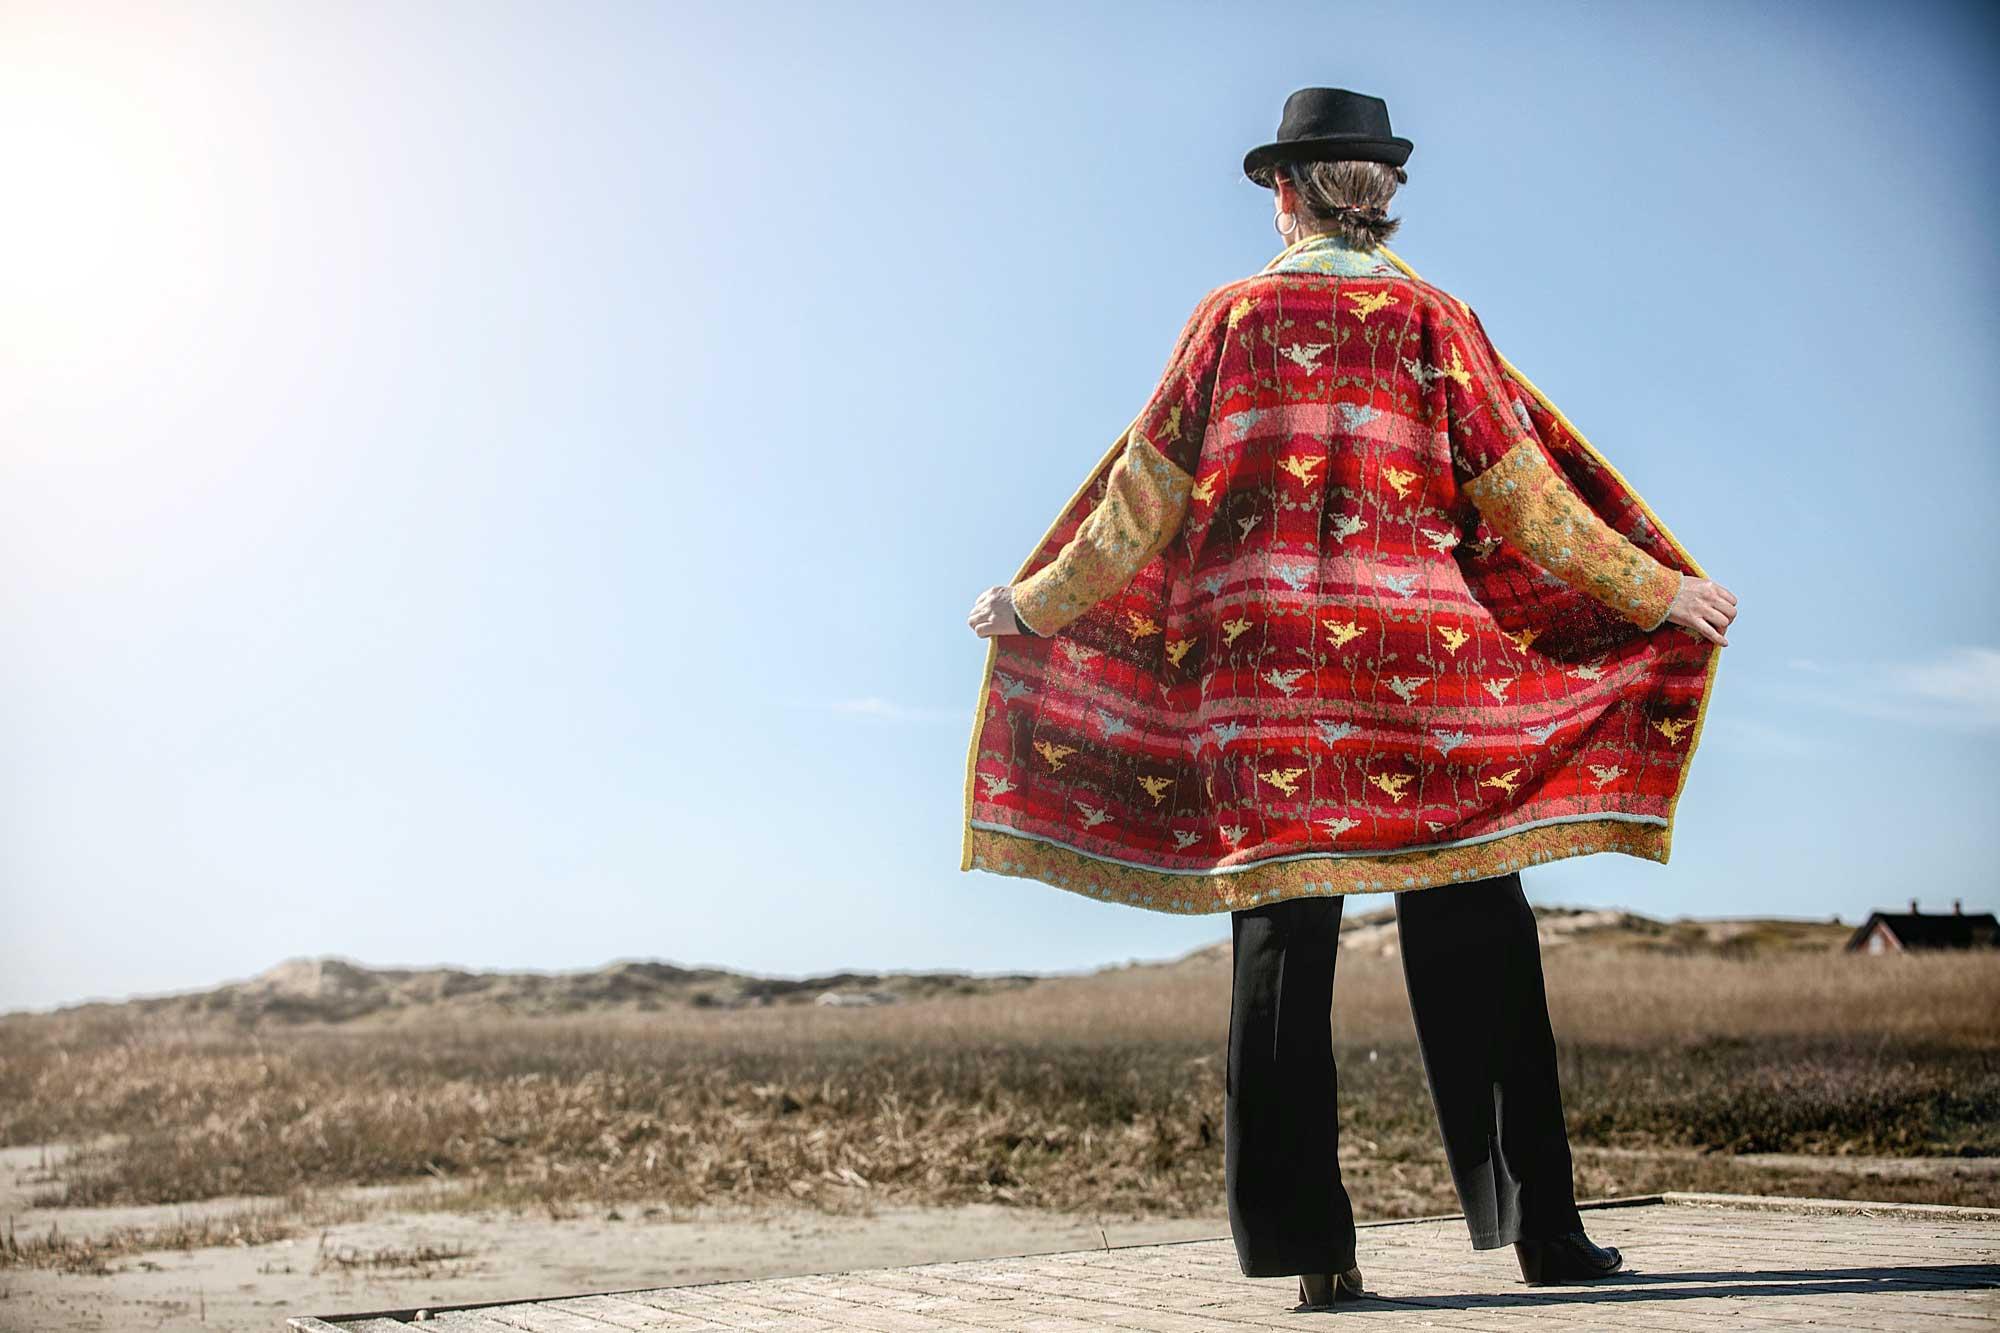 Strandfuglefrakke by Christel Seyfarth